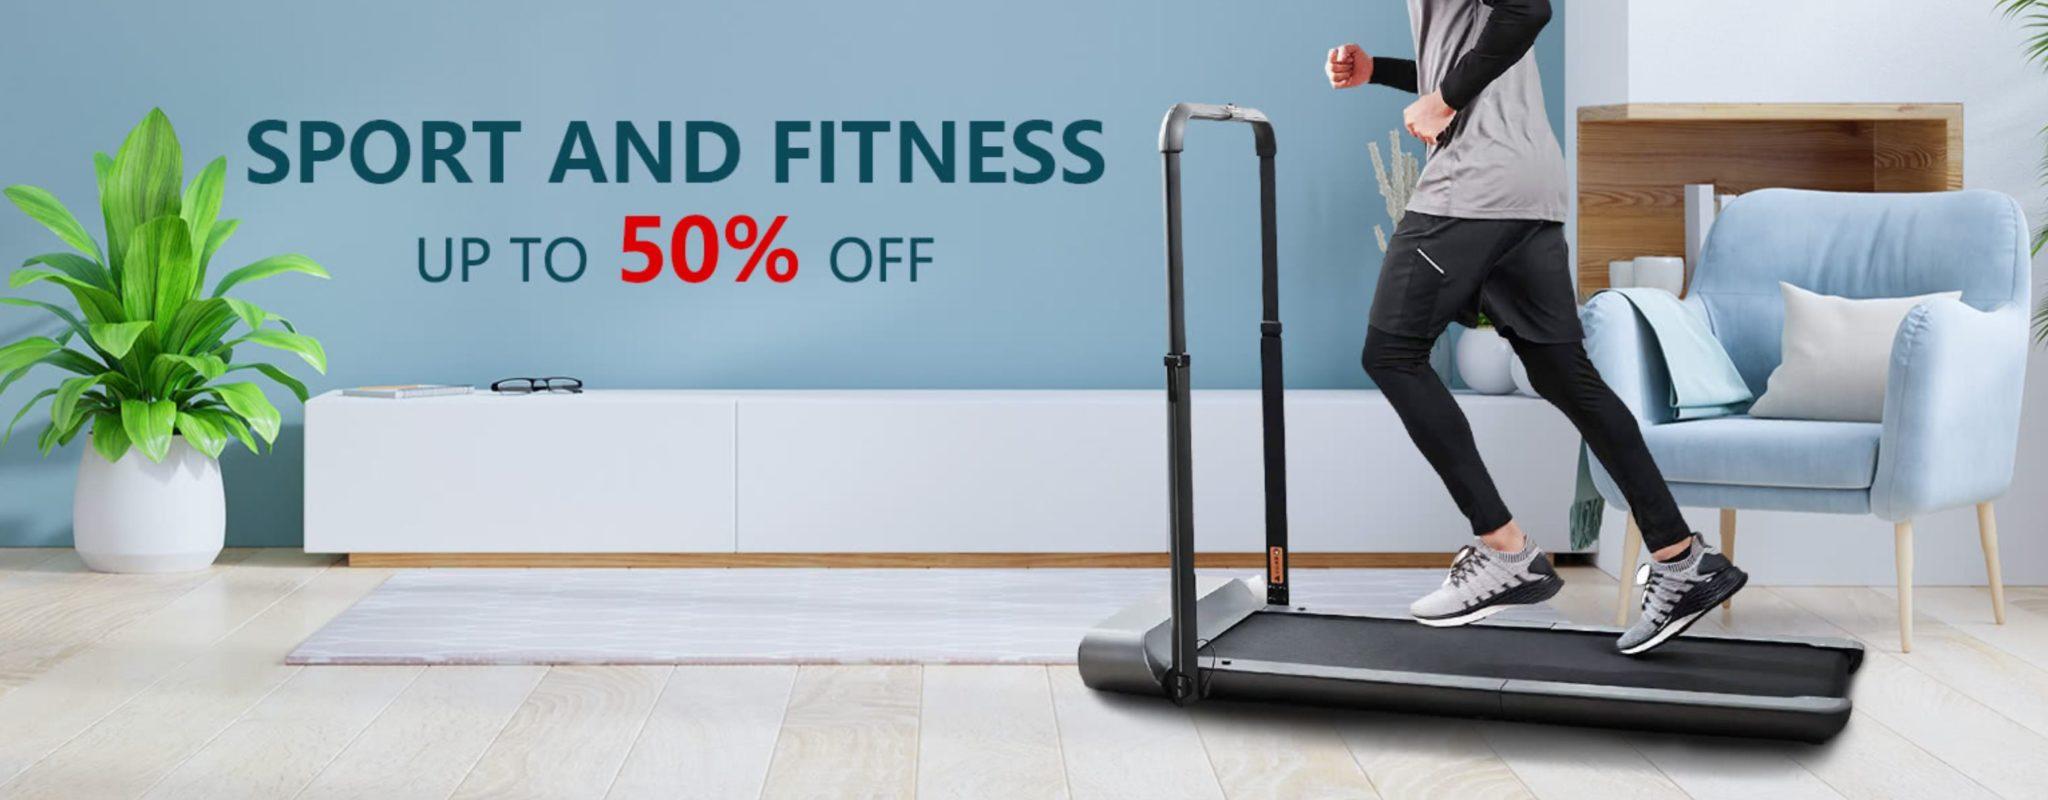 Noworoczna wyprzedaż sprzętu fitness - bieżnie i rowerki w super cenach - przeceny do 50%